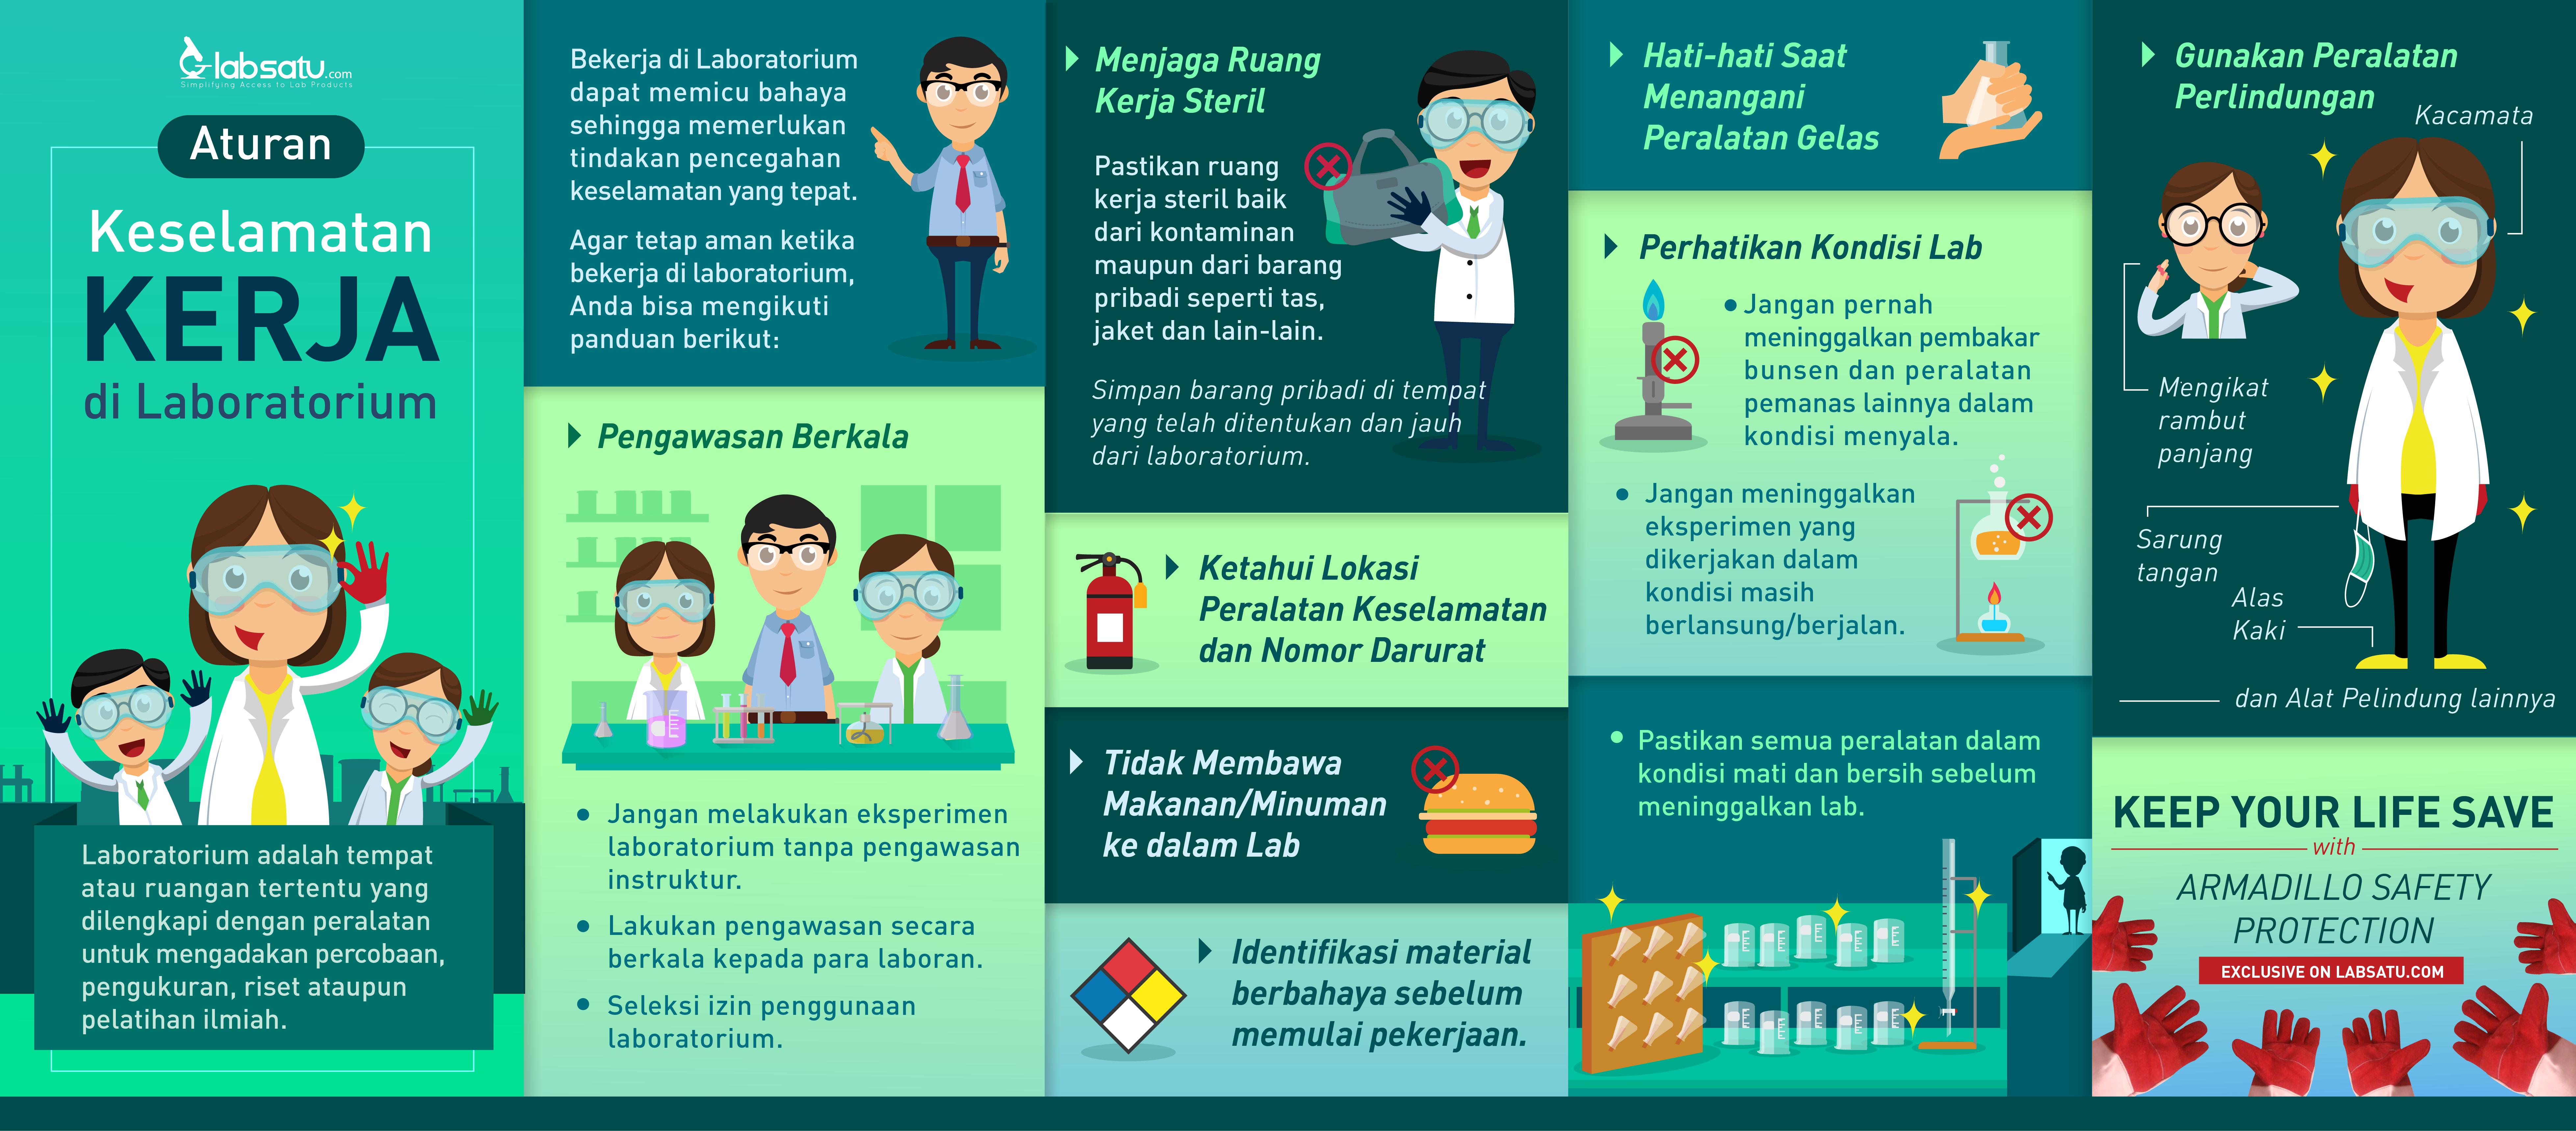 Aturan Keselamatan Kerja Di Laboratorium